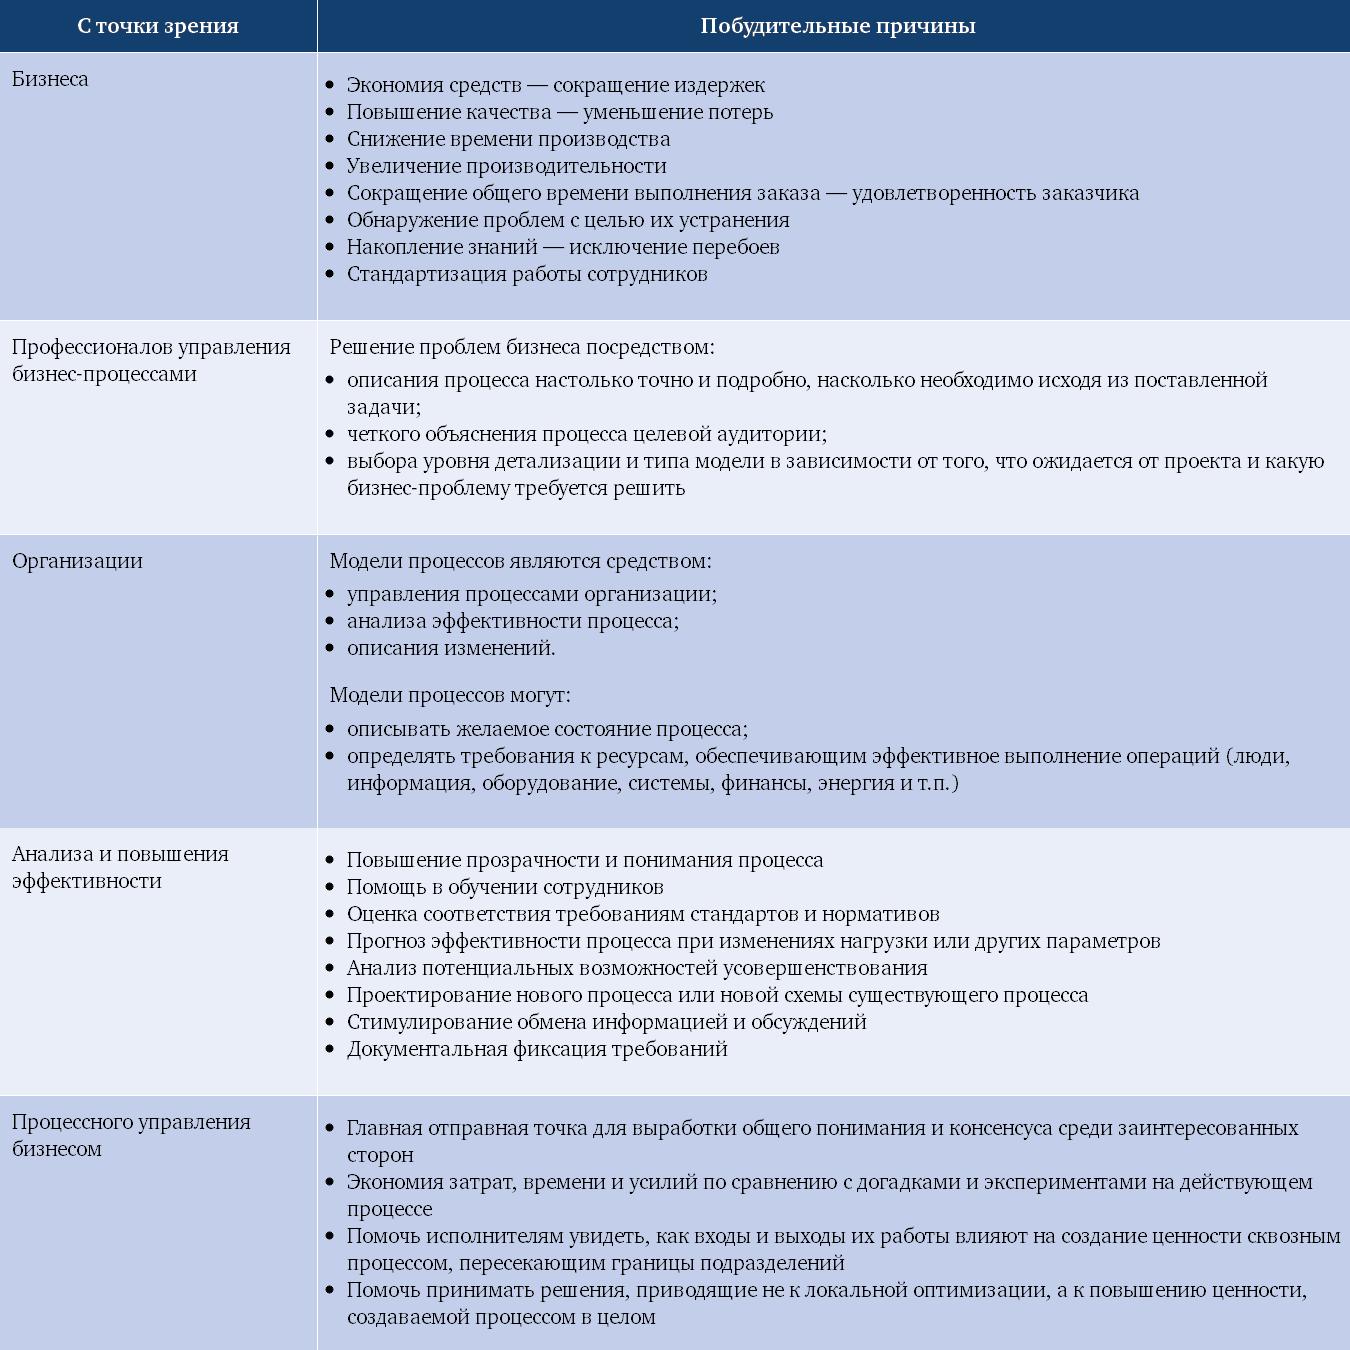 Причины моделирования бизнес-процессов